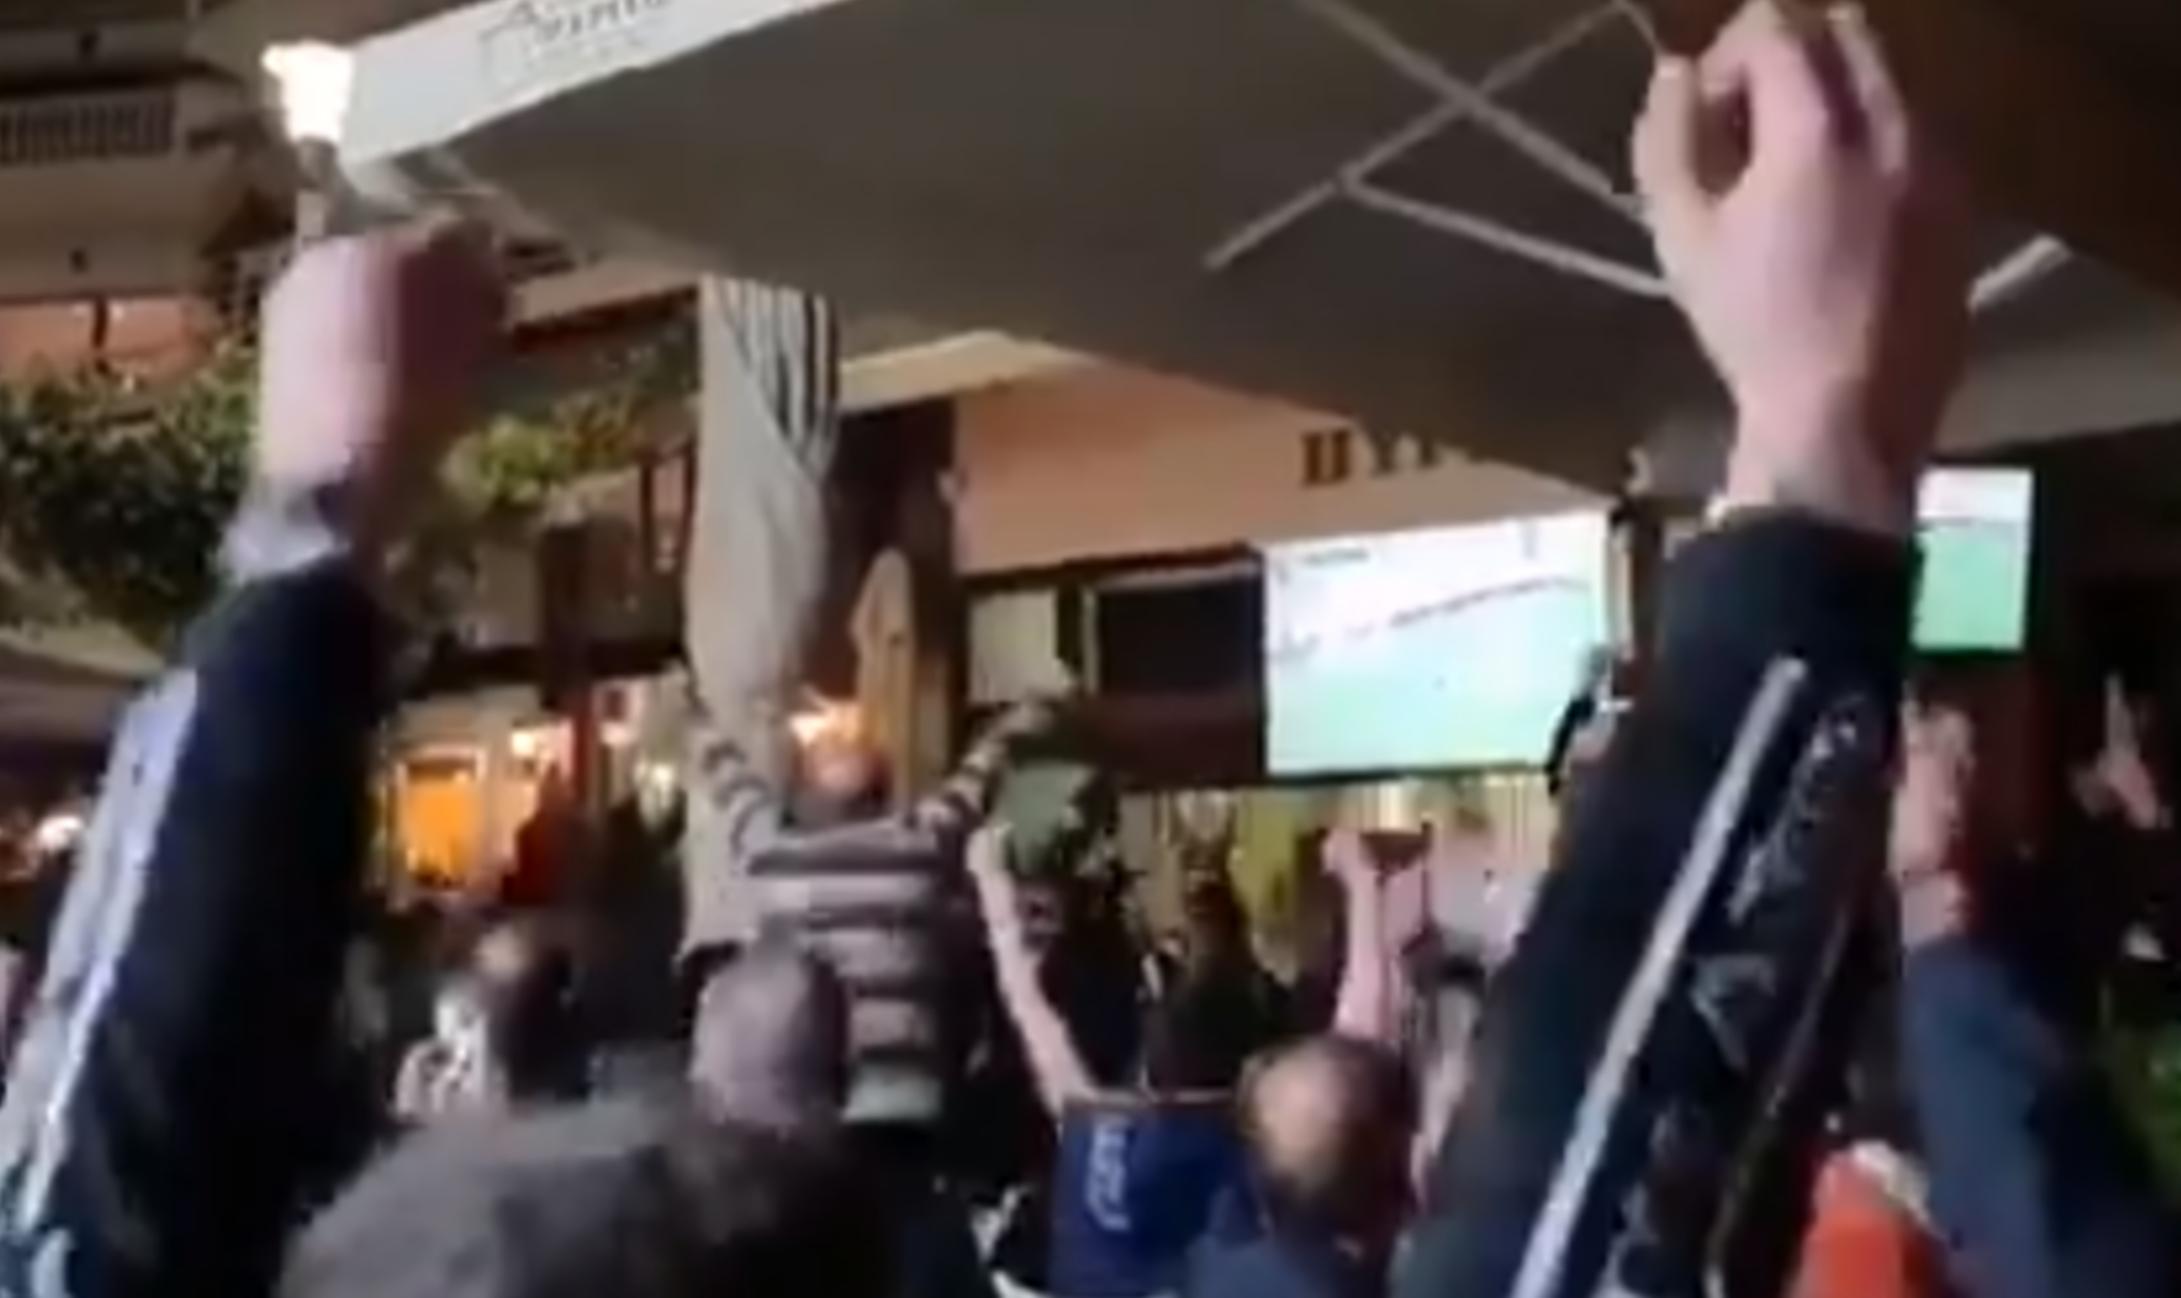 Ολυμπιακός – ΠΑΟΚ: Έτσι πανηγύρισαν το γκολ στη Θεσσαλονίκη